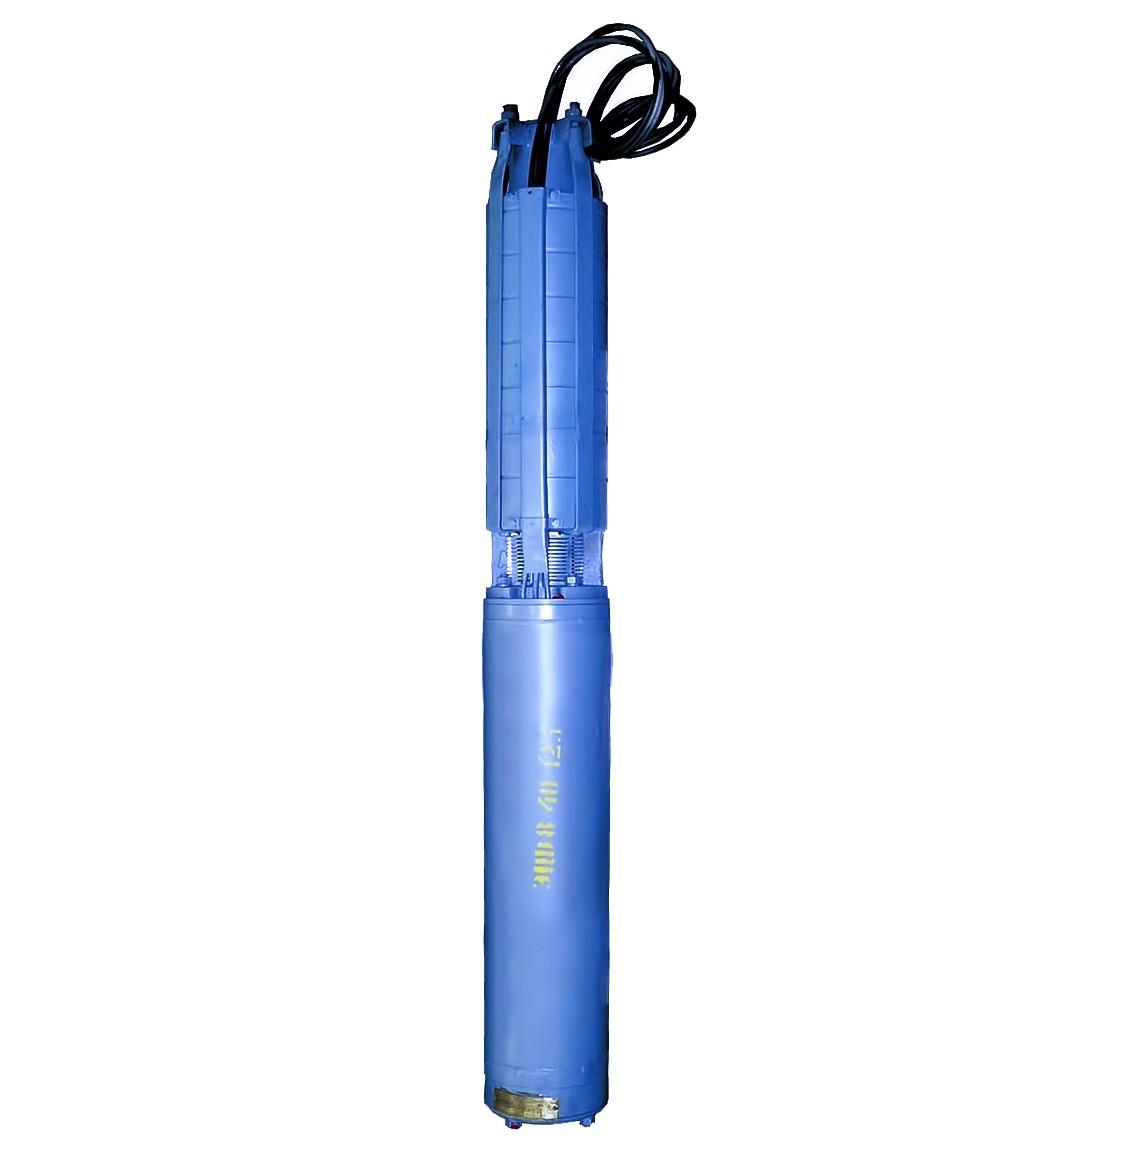 Погружной насос ЭЦВ 6-10-80 армлен